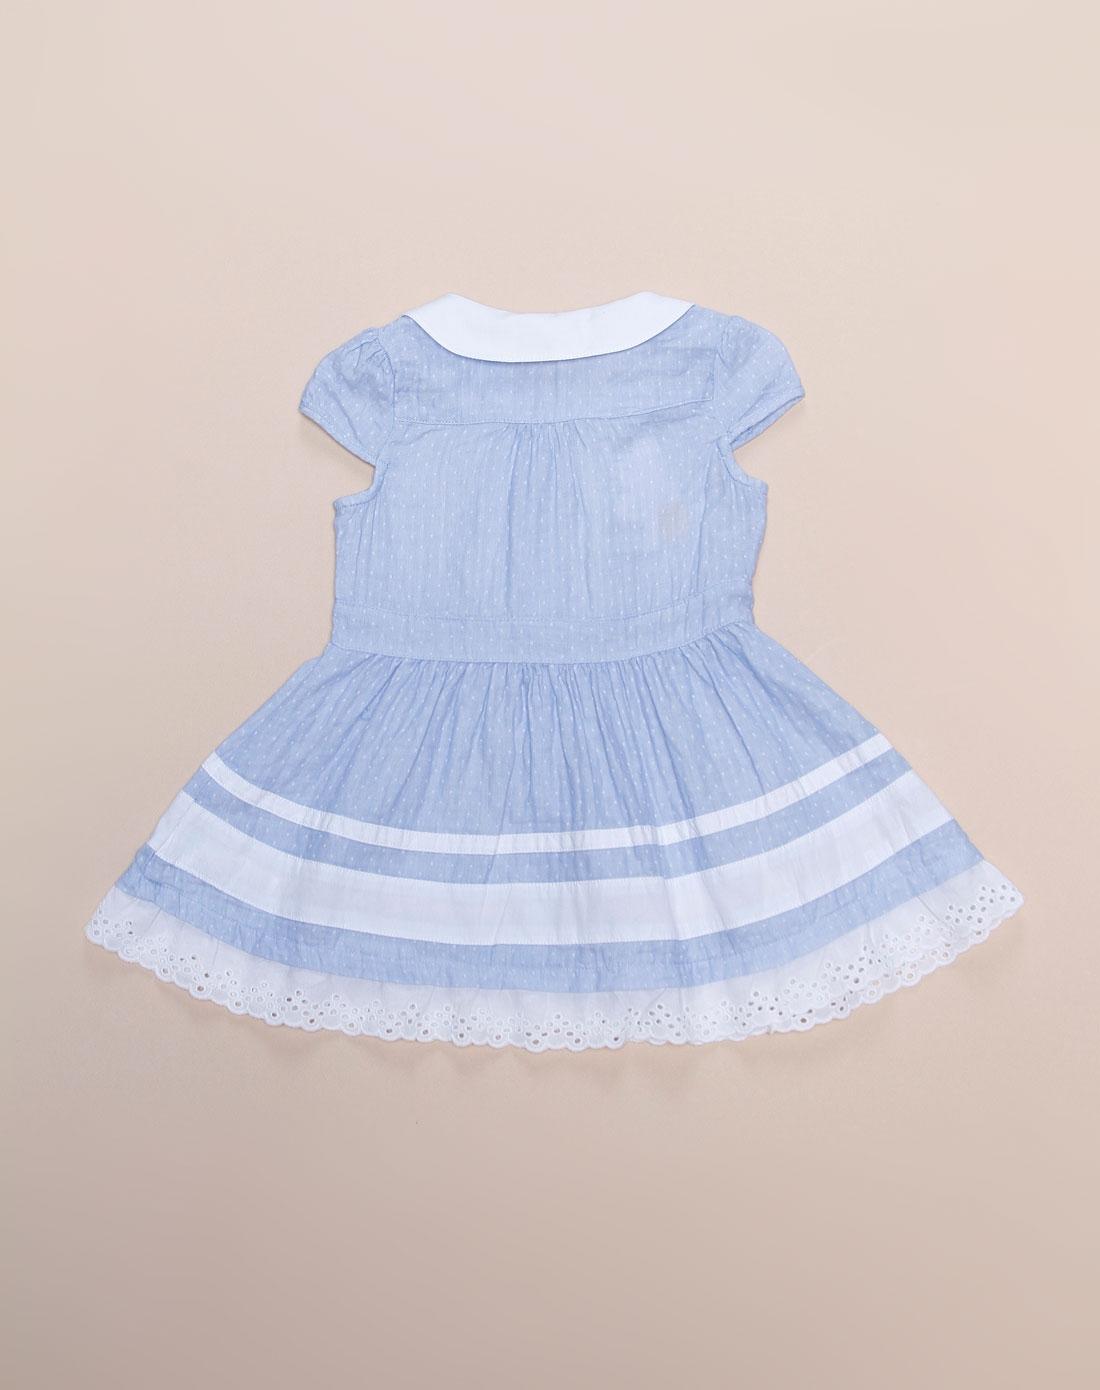 可爱公主粉蓝色短袖